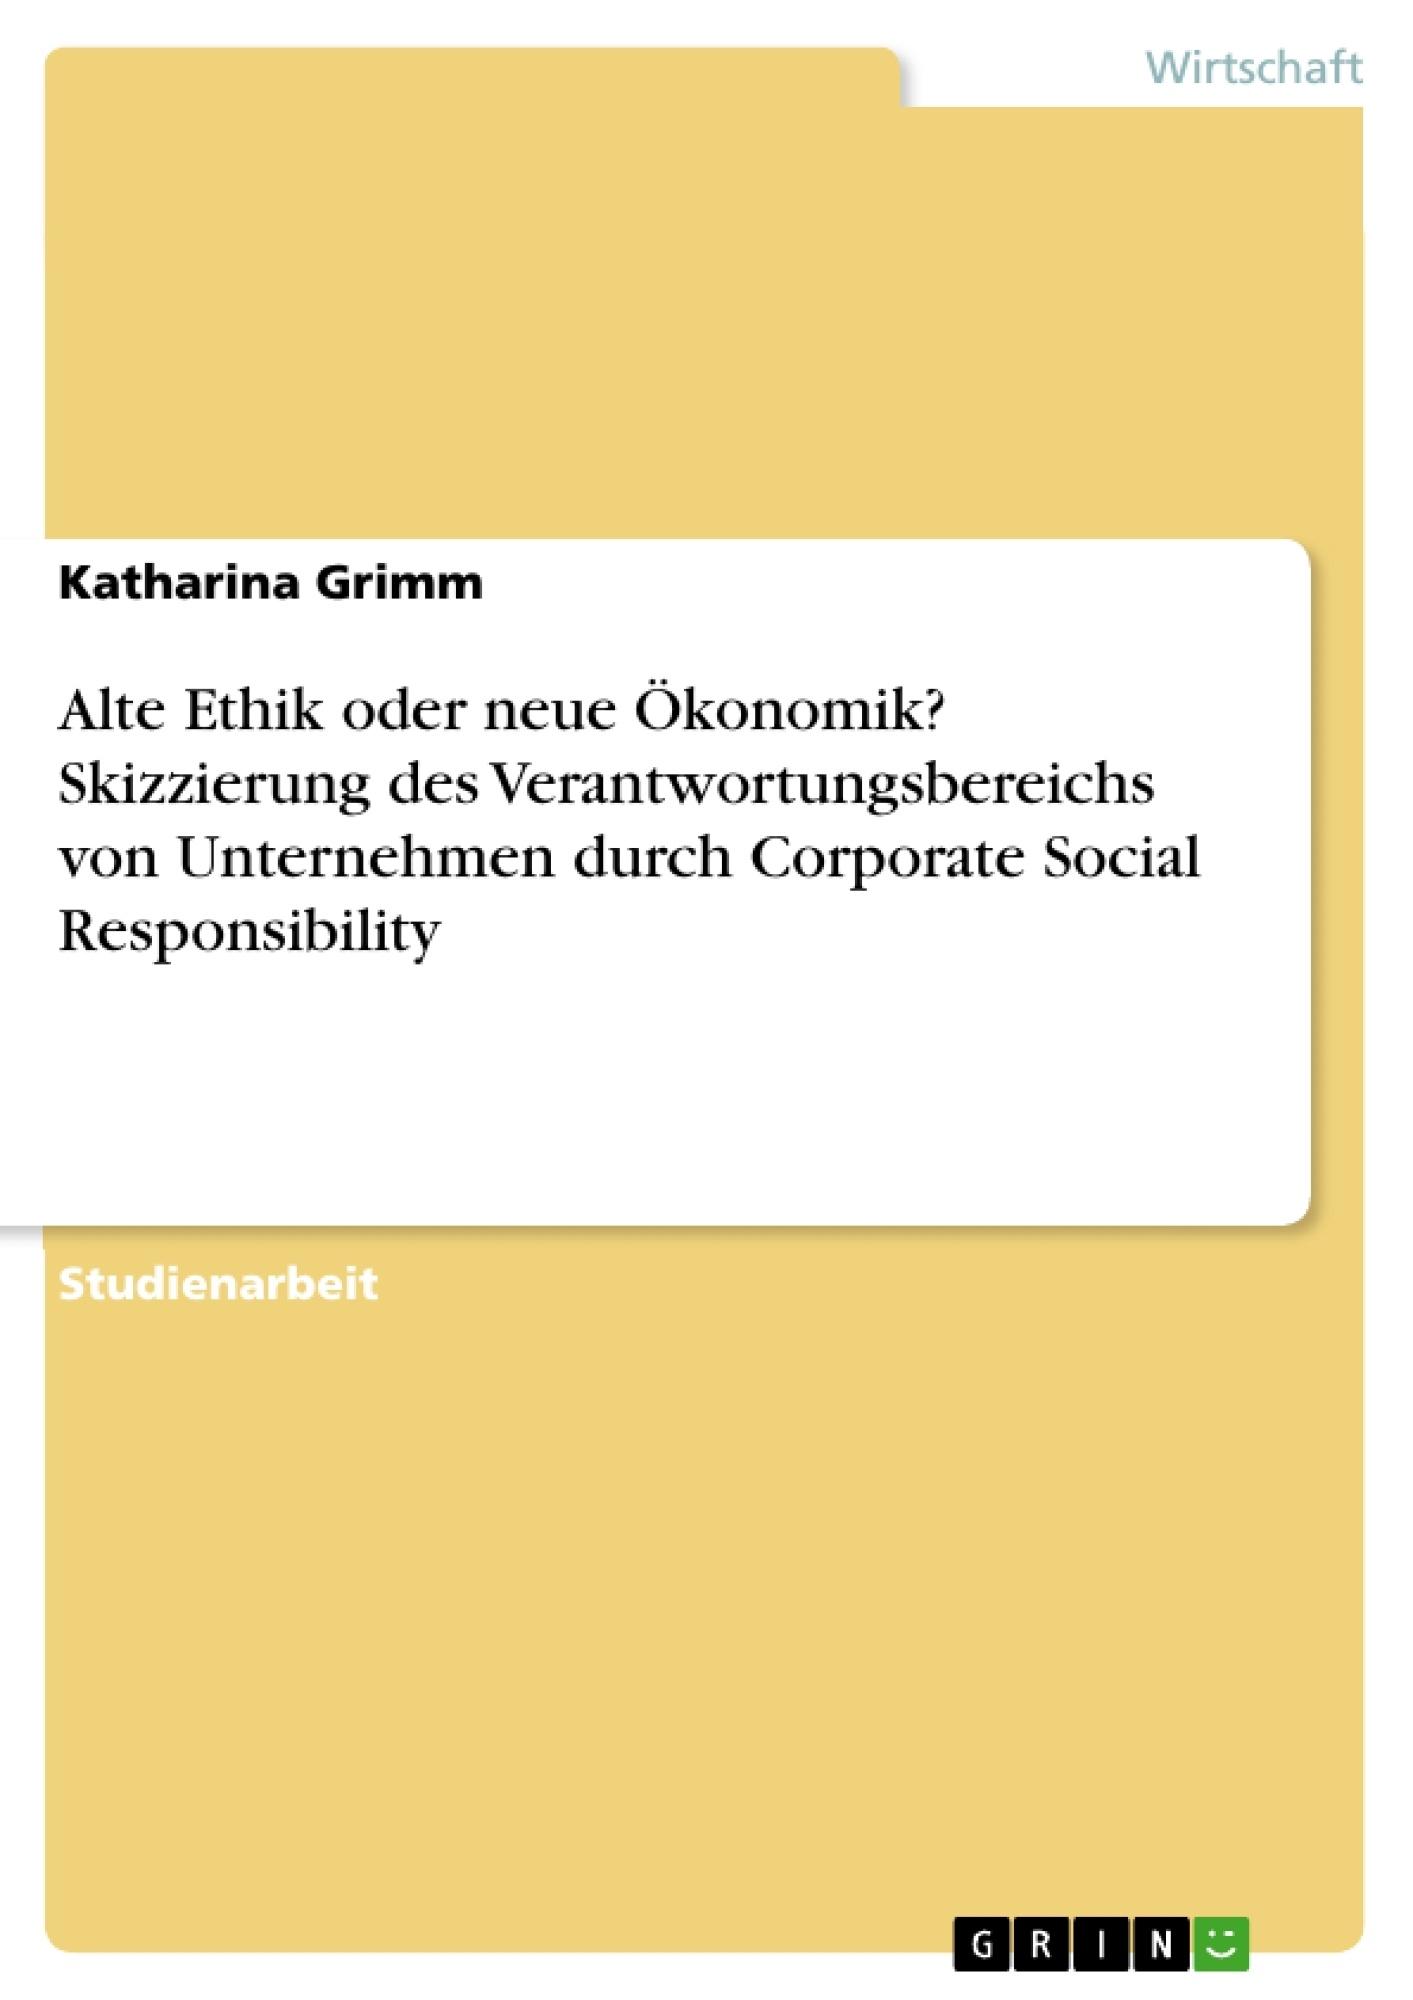 Titel: Alte Ethik oder neue Ökonomik? Skizzierung des Verantwortungsbereichs von Unternehmen durch Corporate Social Responsibility